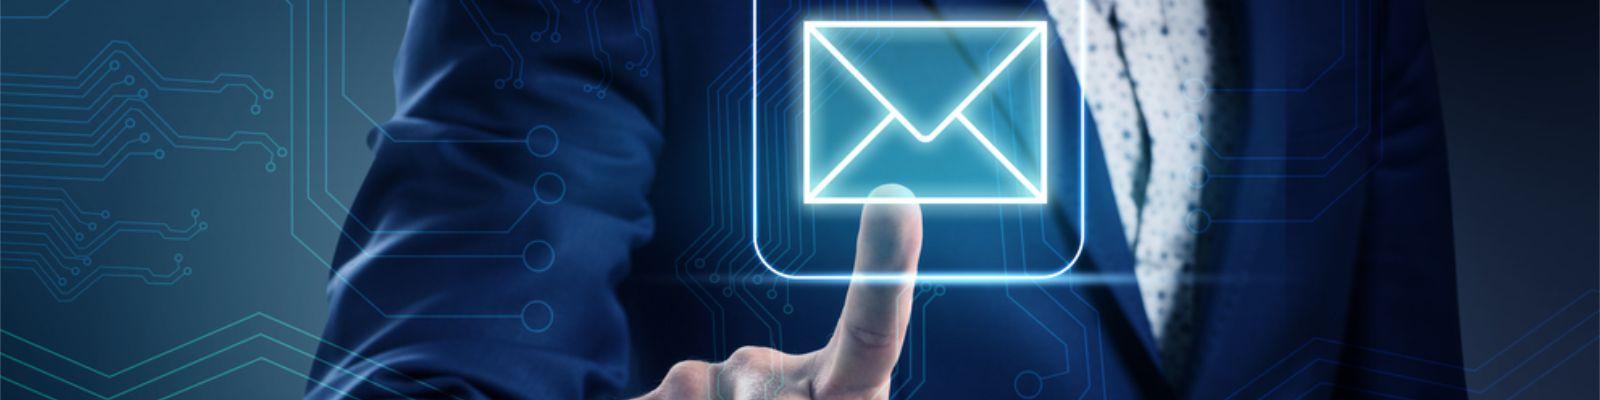 Parallex_Web push notification £60 + VAT Per Hour